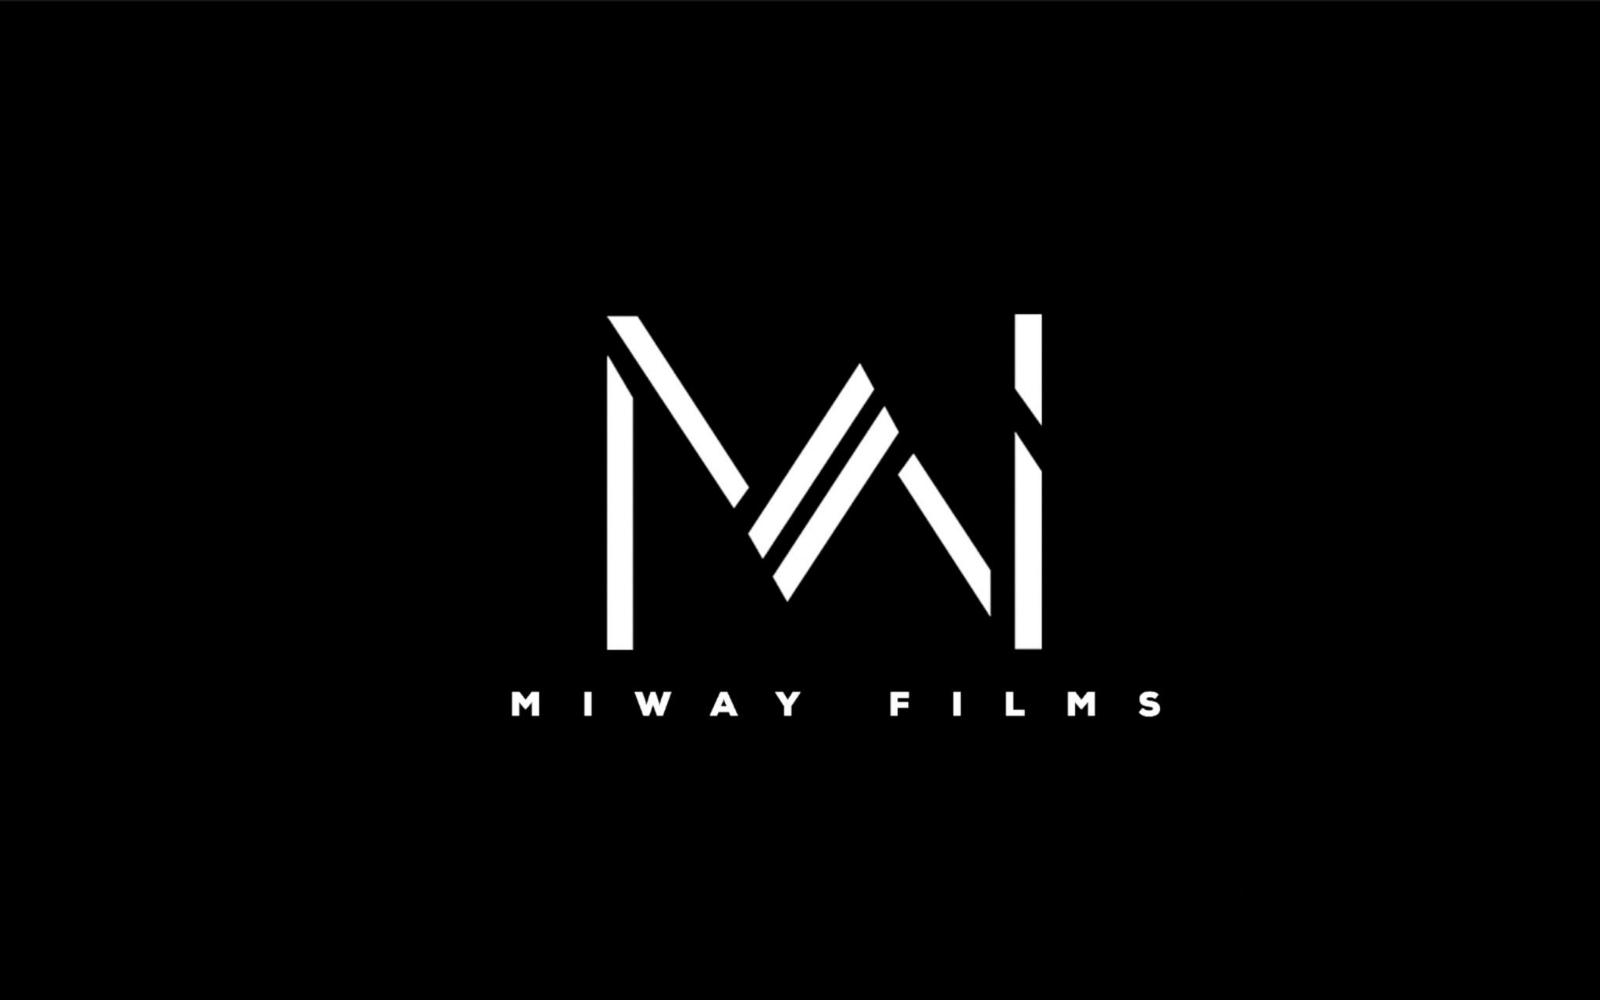 Miway Films